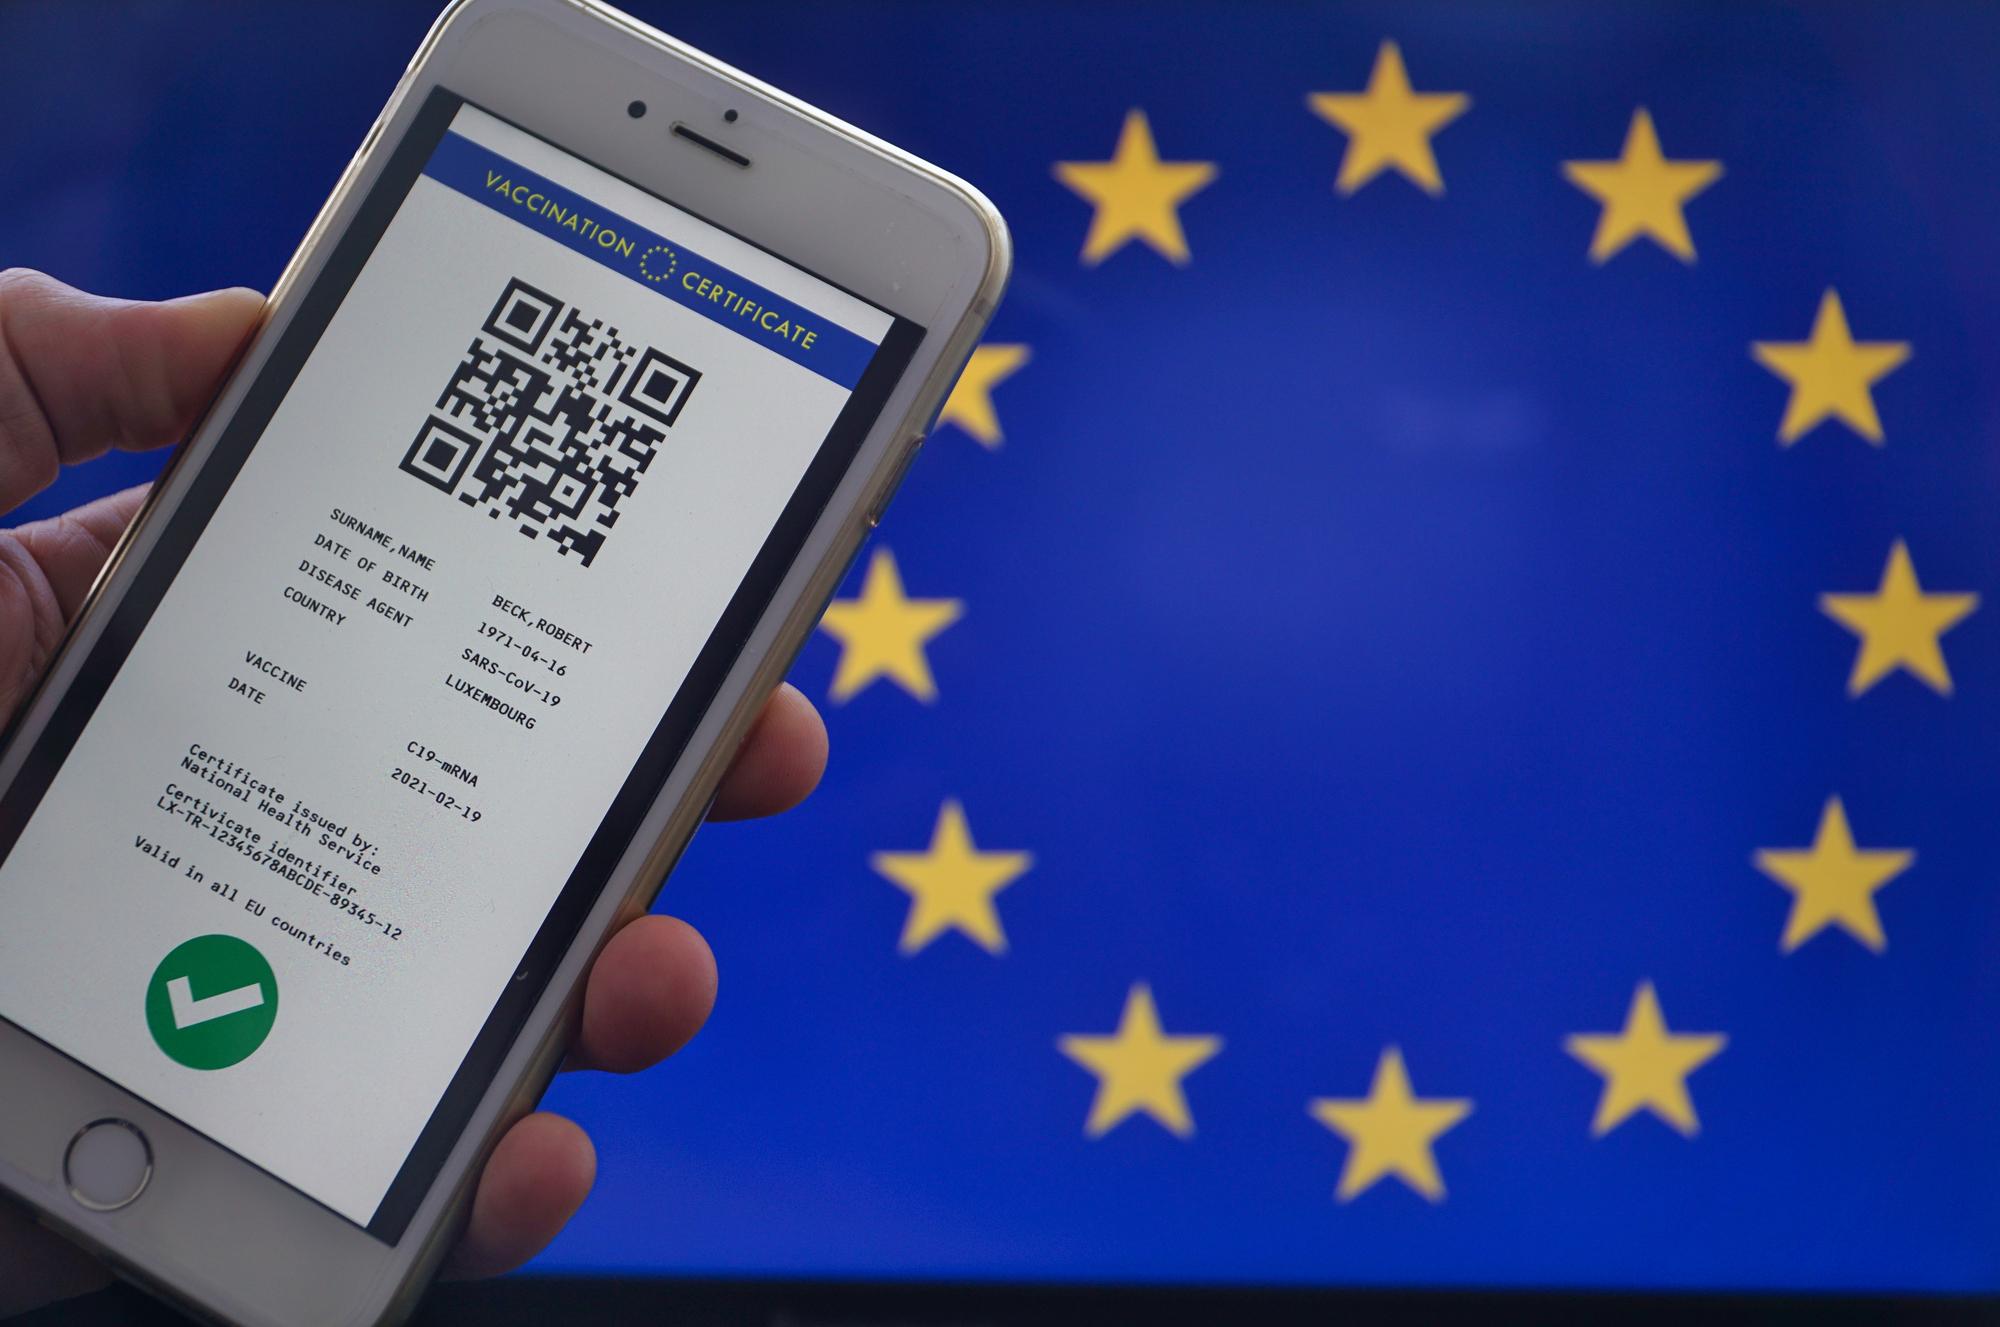 Le pass sanitaire européen vient compléter le pass sanitaire français